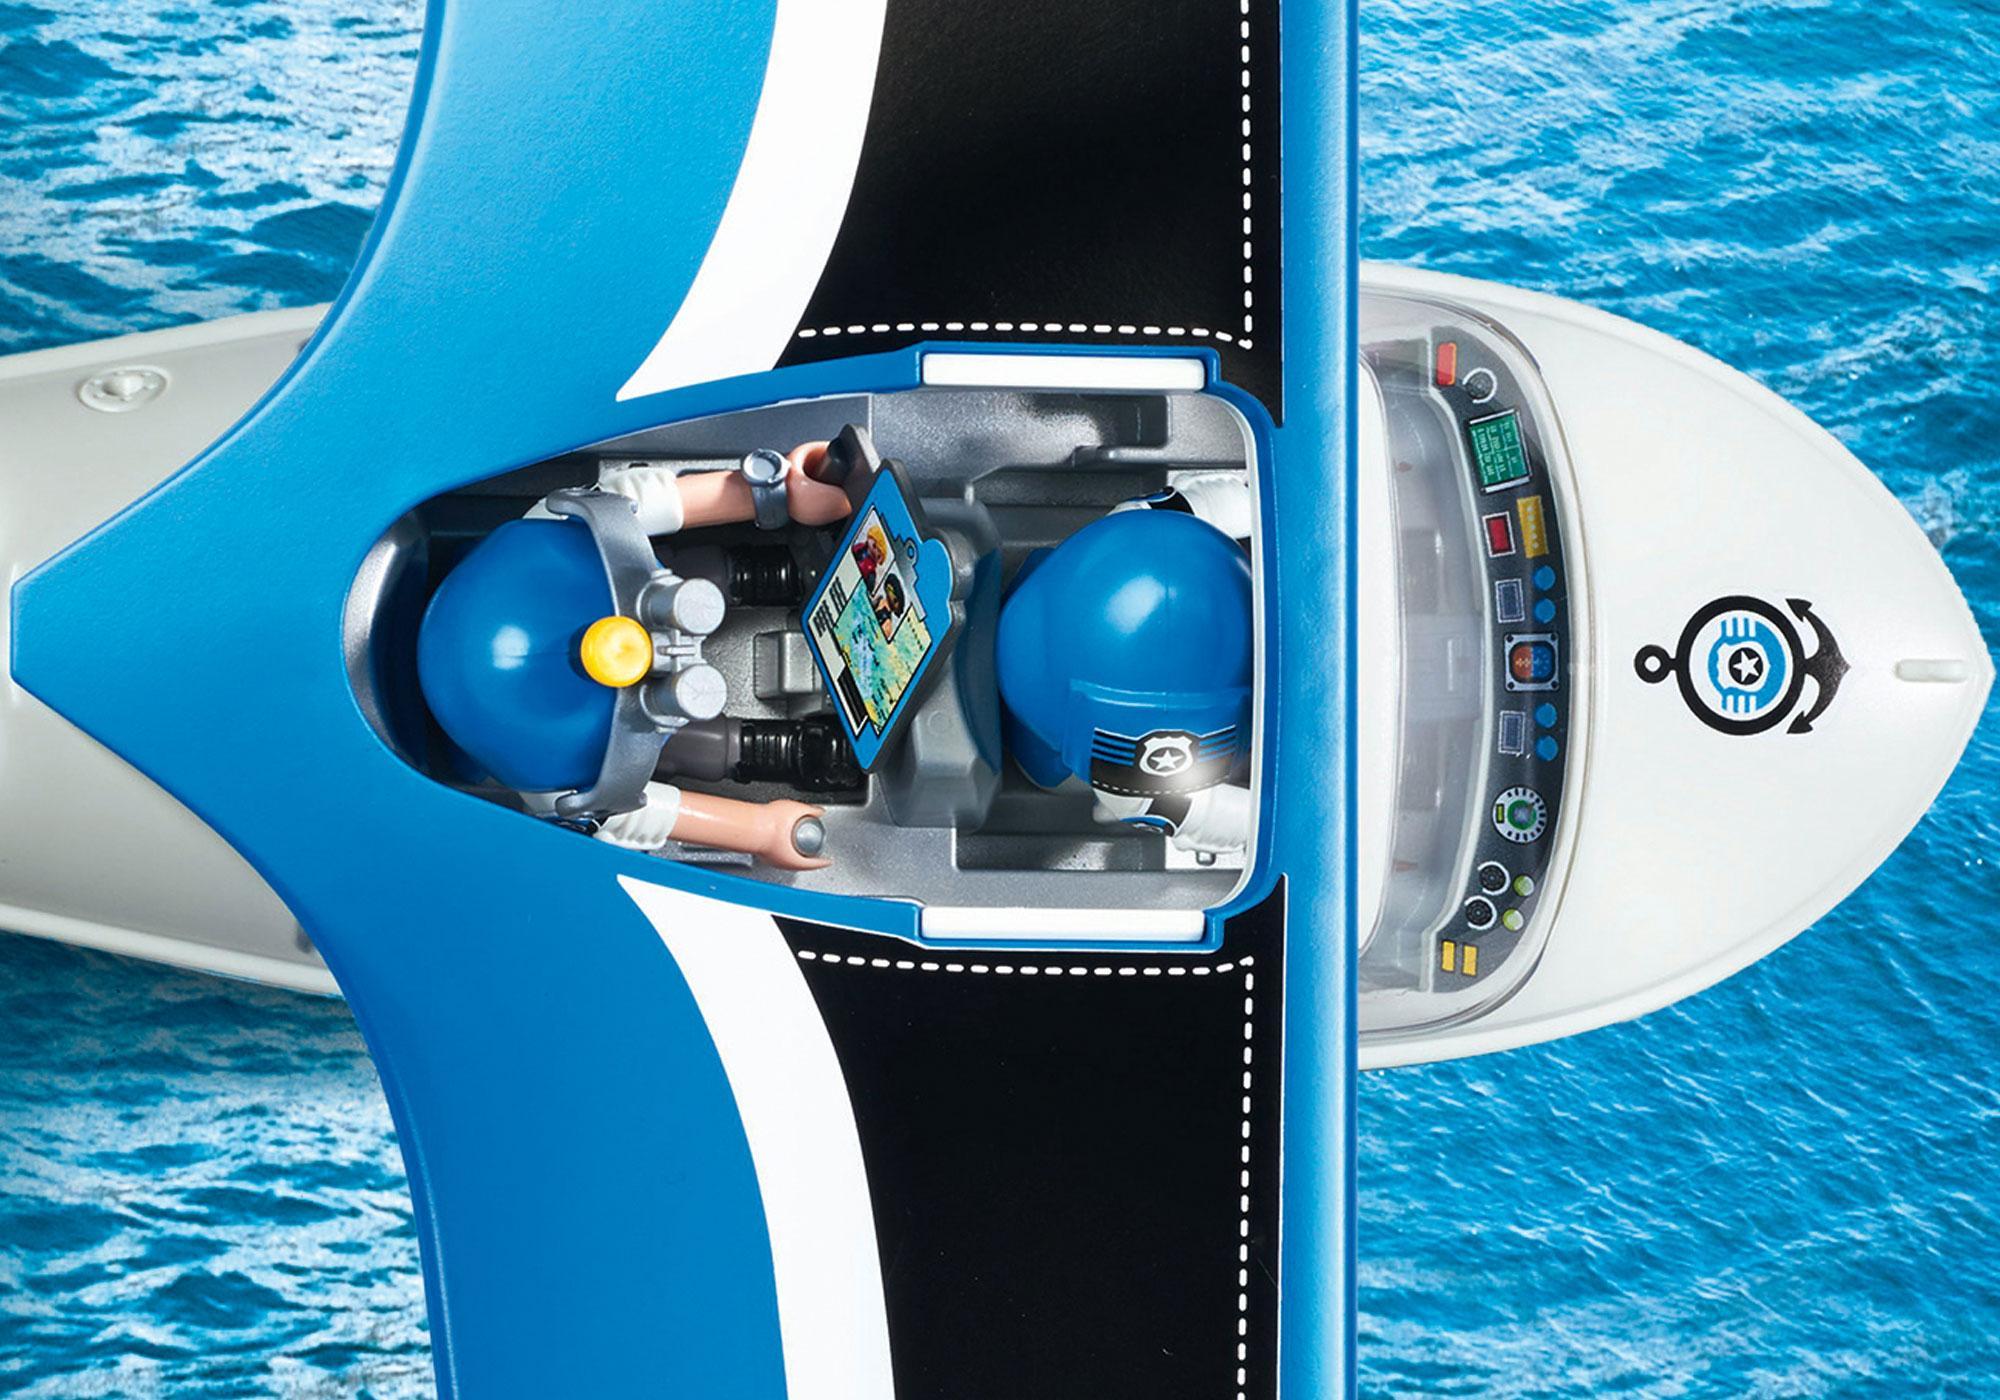 http://media.playmobil.com/i/playmobil/9436_product_extra3/Polizei-Wasserflugzeug